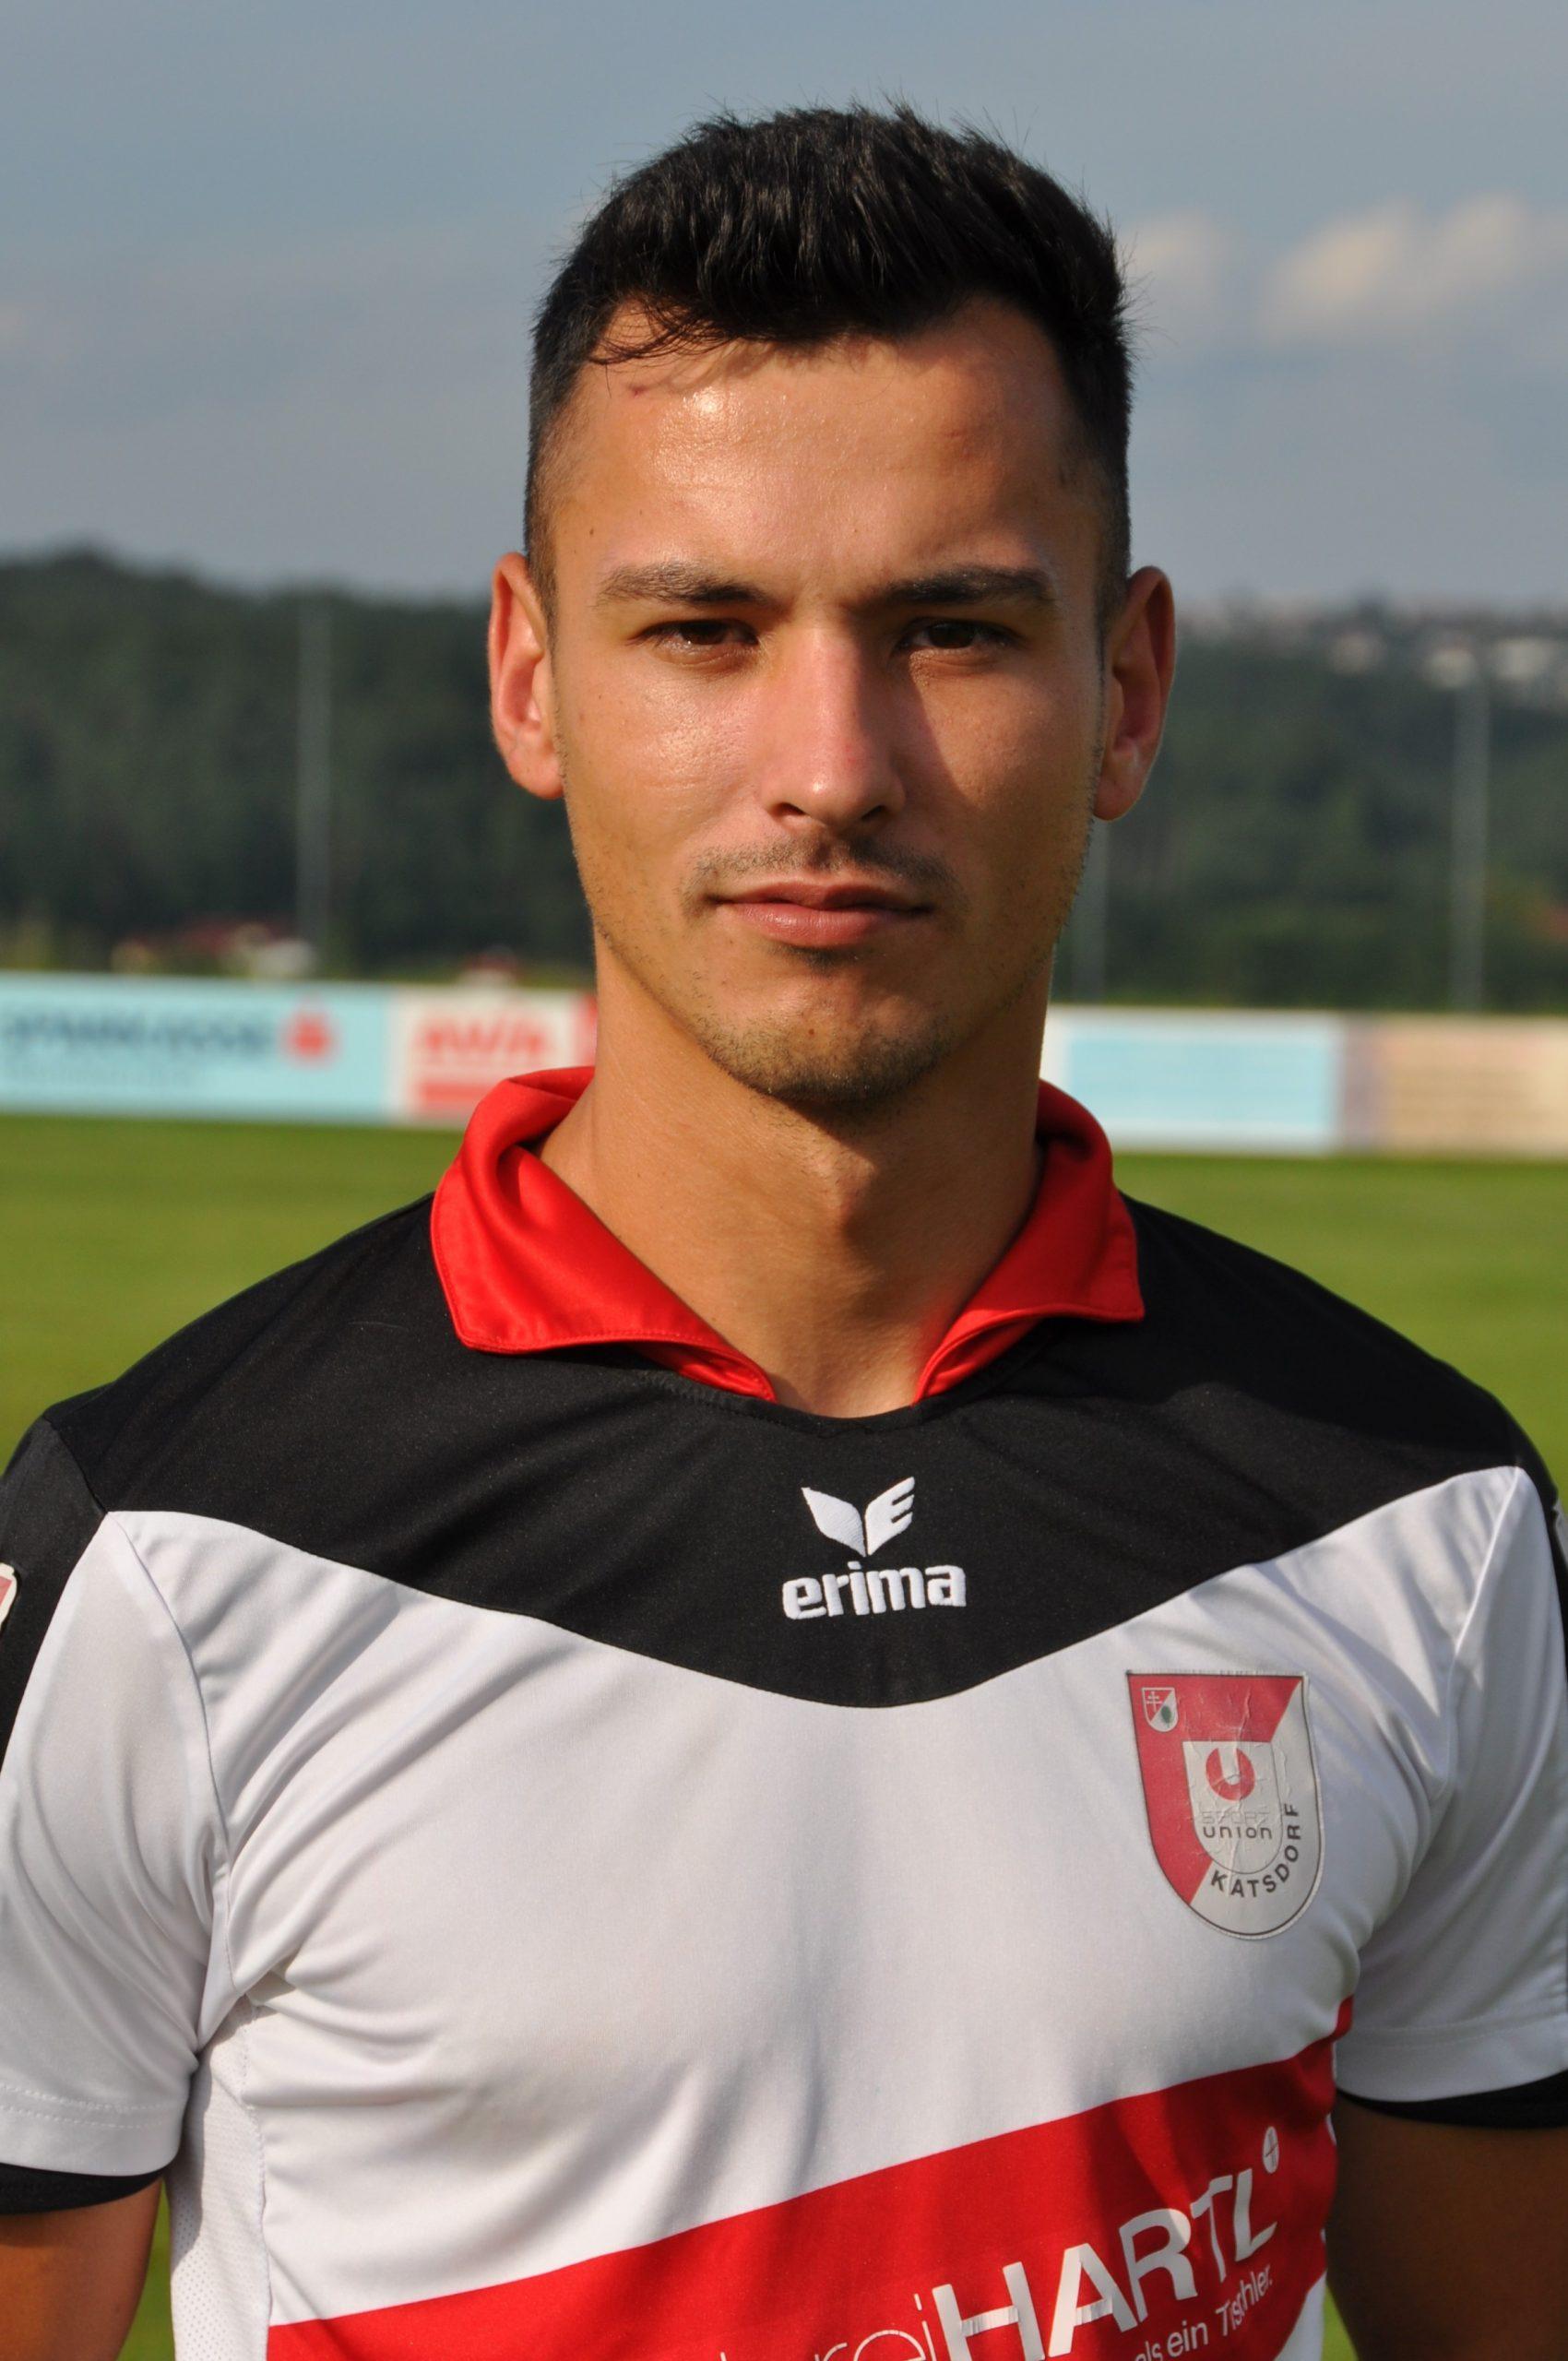 Union Katsdorf - Dominik Redl